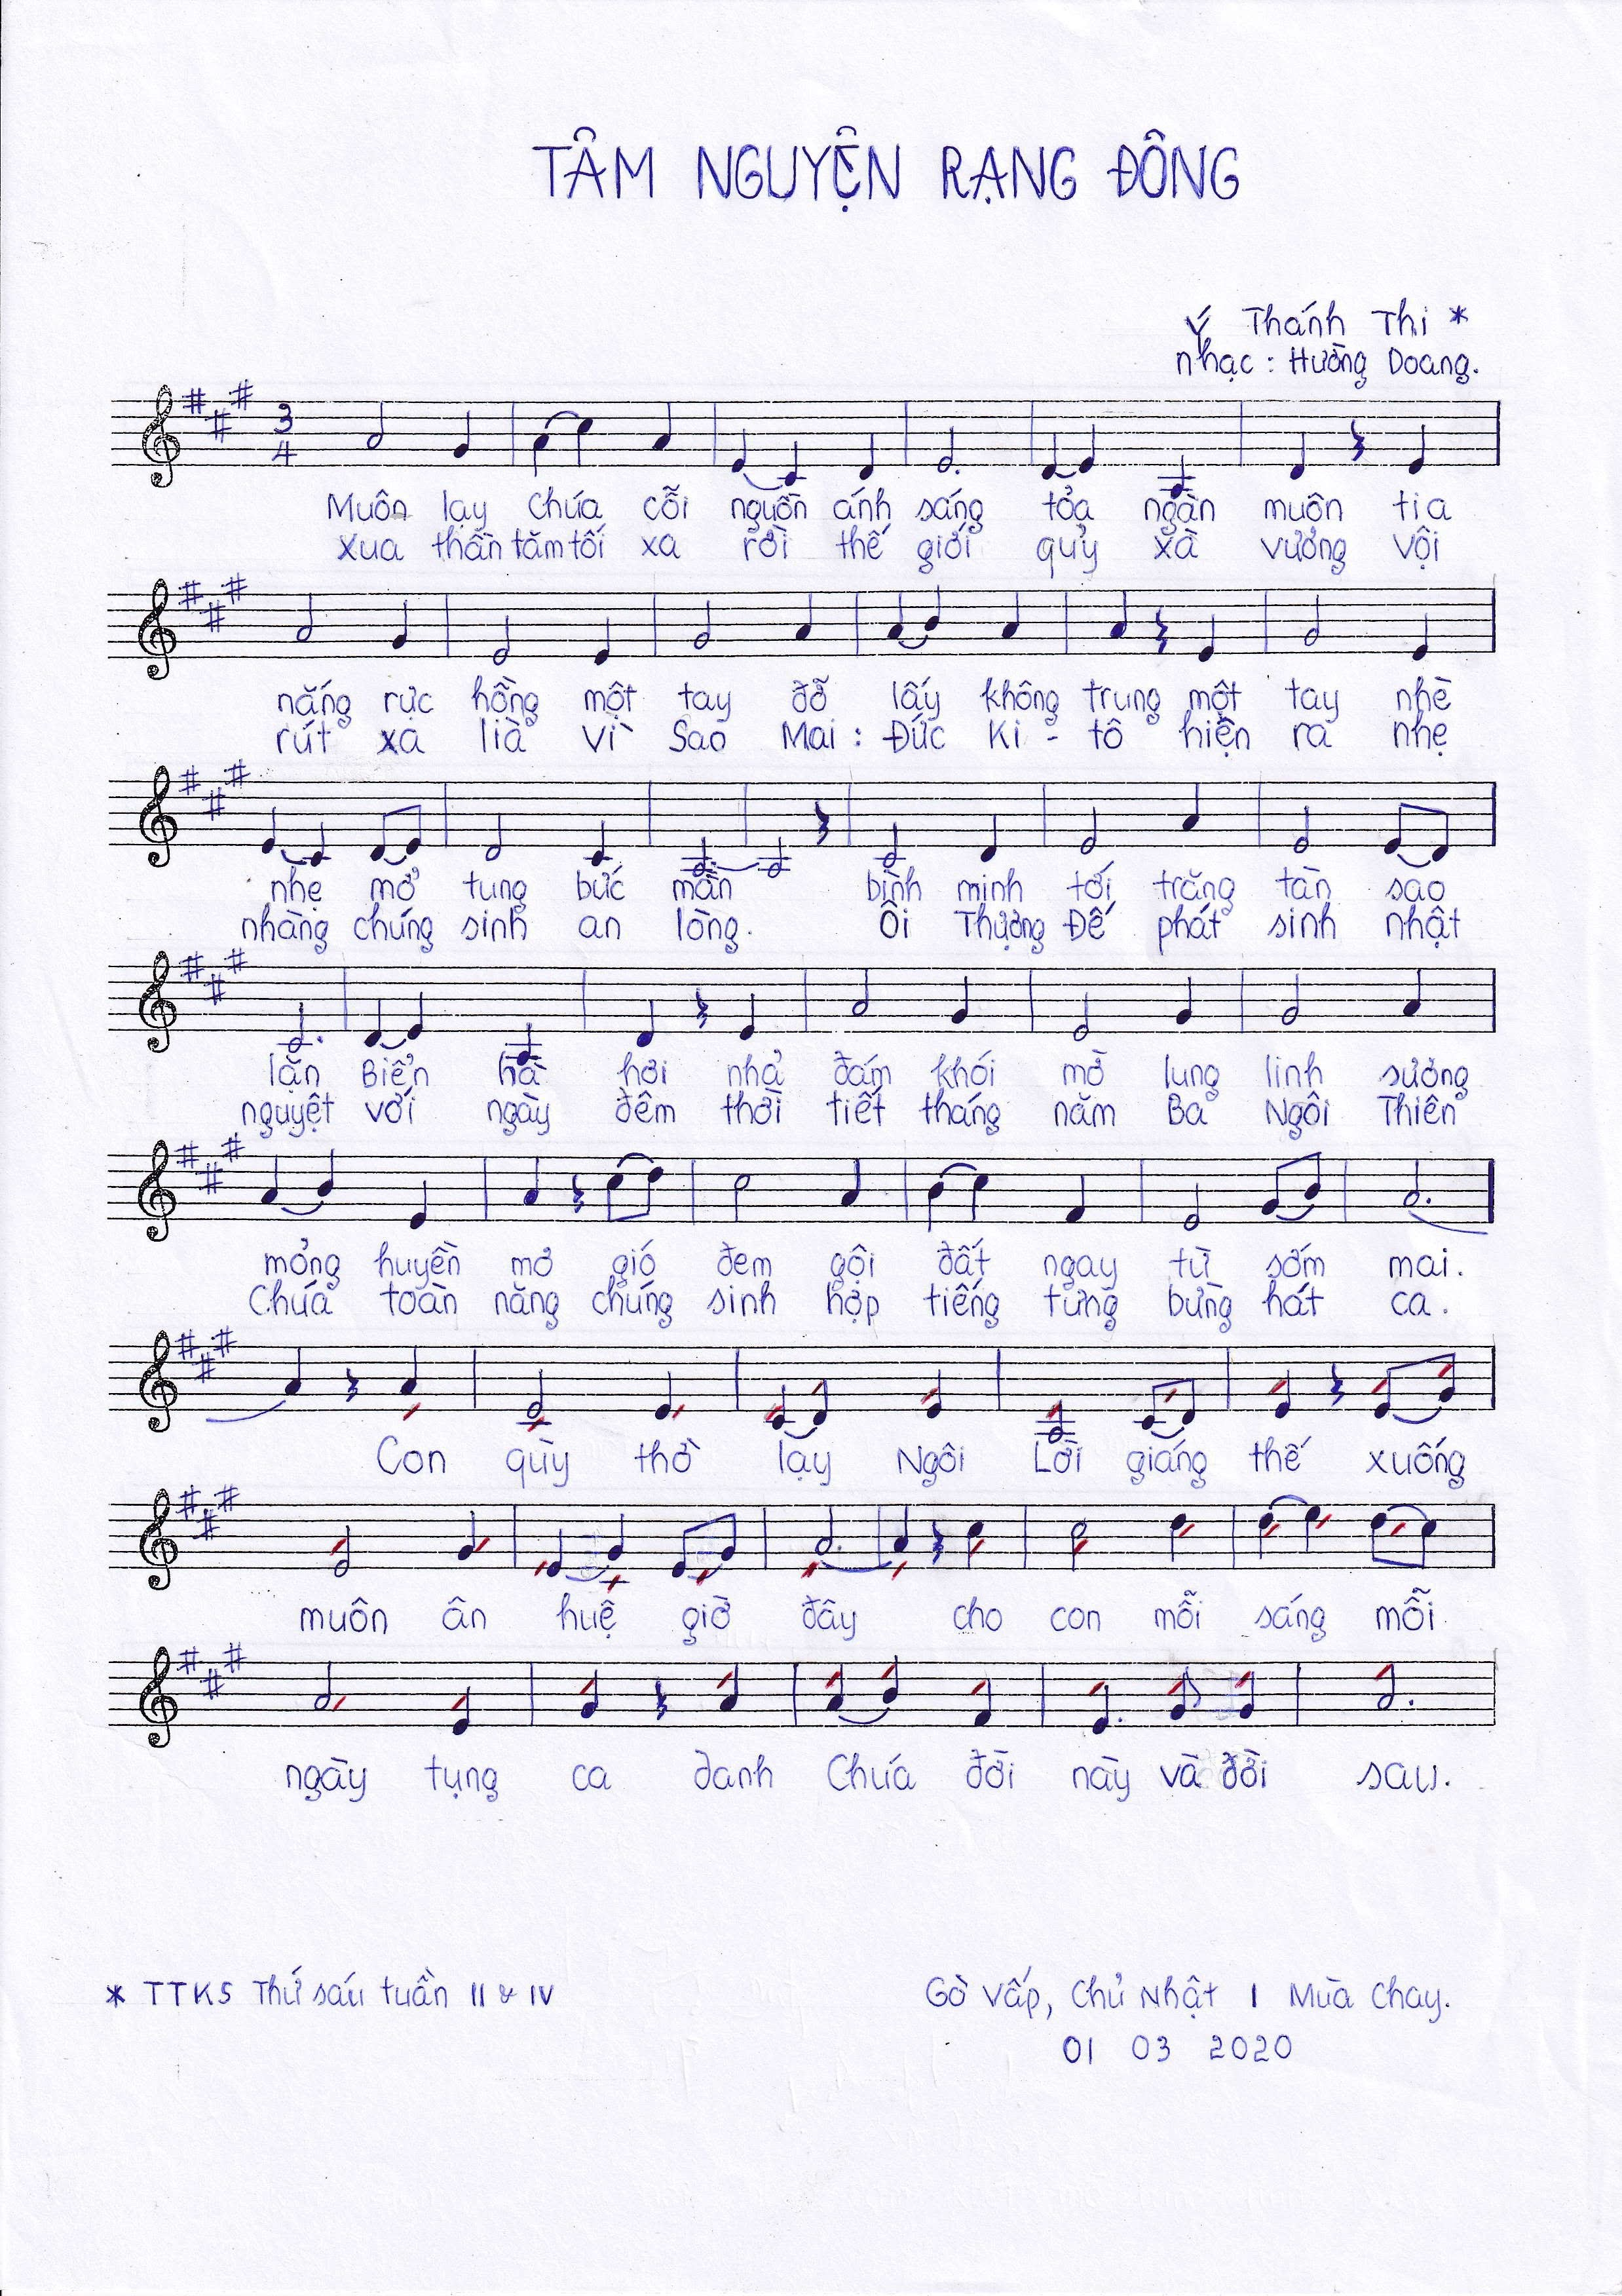 Clip nhạc: Tâm nguyện rạng đông - Hường Doang, OP, Cs Khắc Thiệu